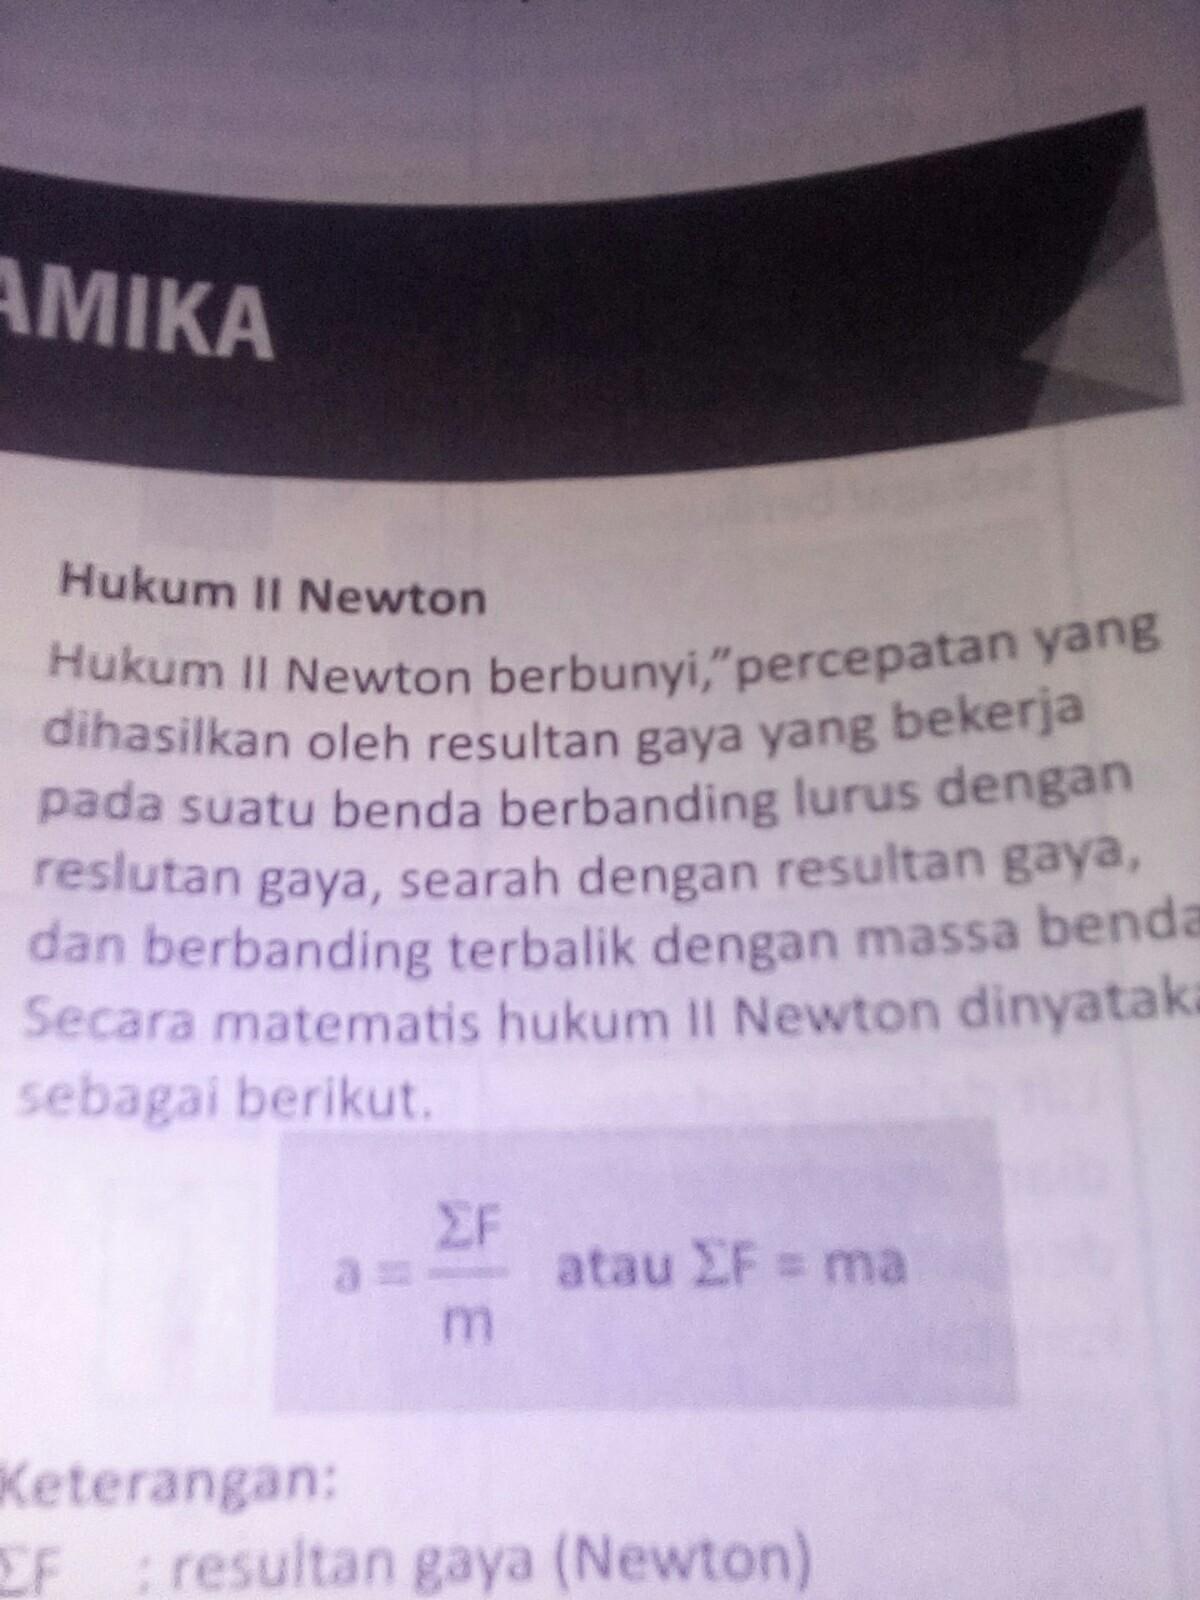 Pernyataan Berikut Yang Sesuai Dengan Hukum 1 Newton ...